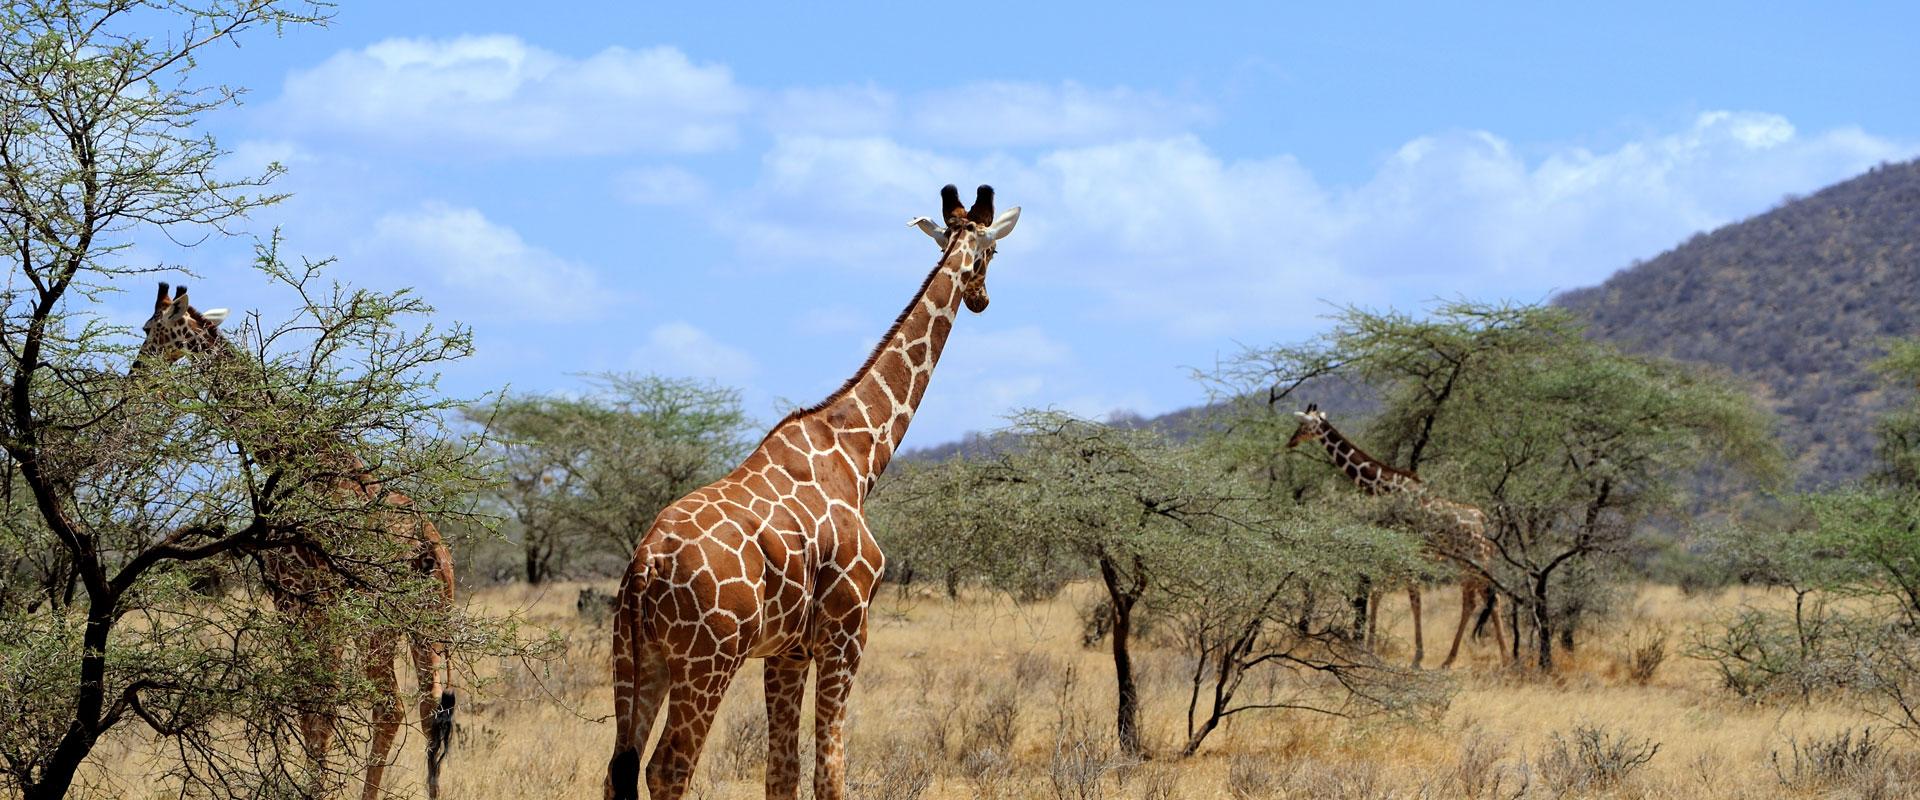 Giraffes in tanzania safari tour